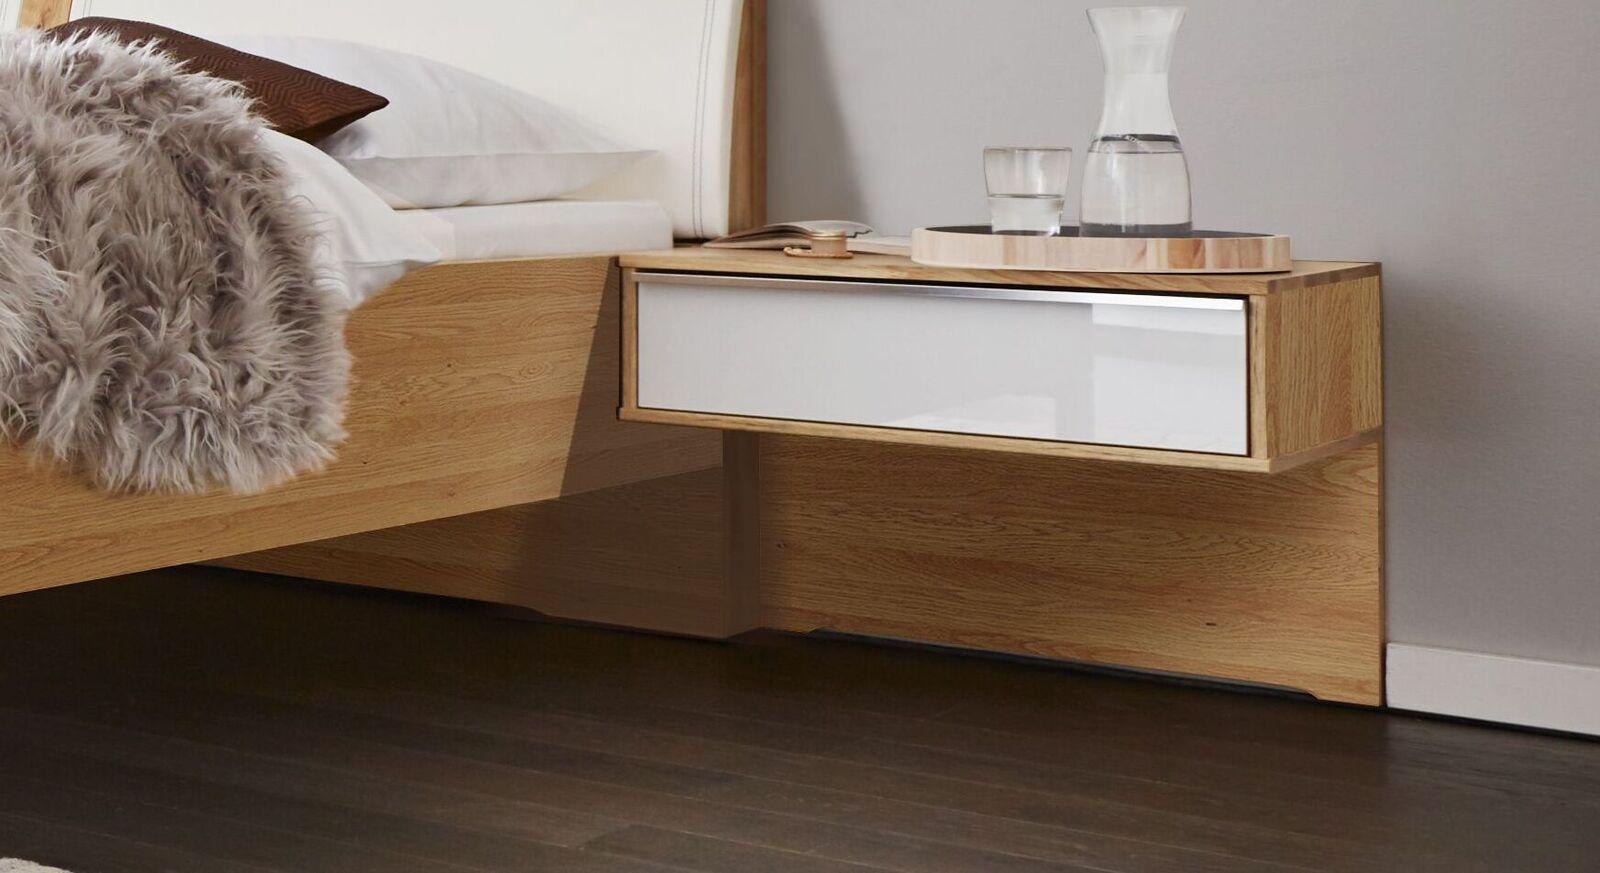 INTERLIVING Schwebe-Nachttisch 1202 mit weißer Schubladenfront